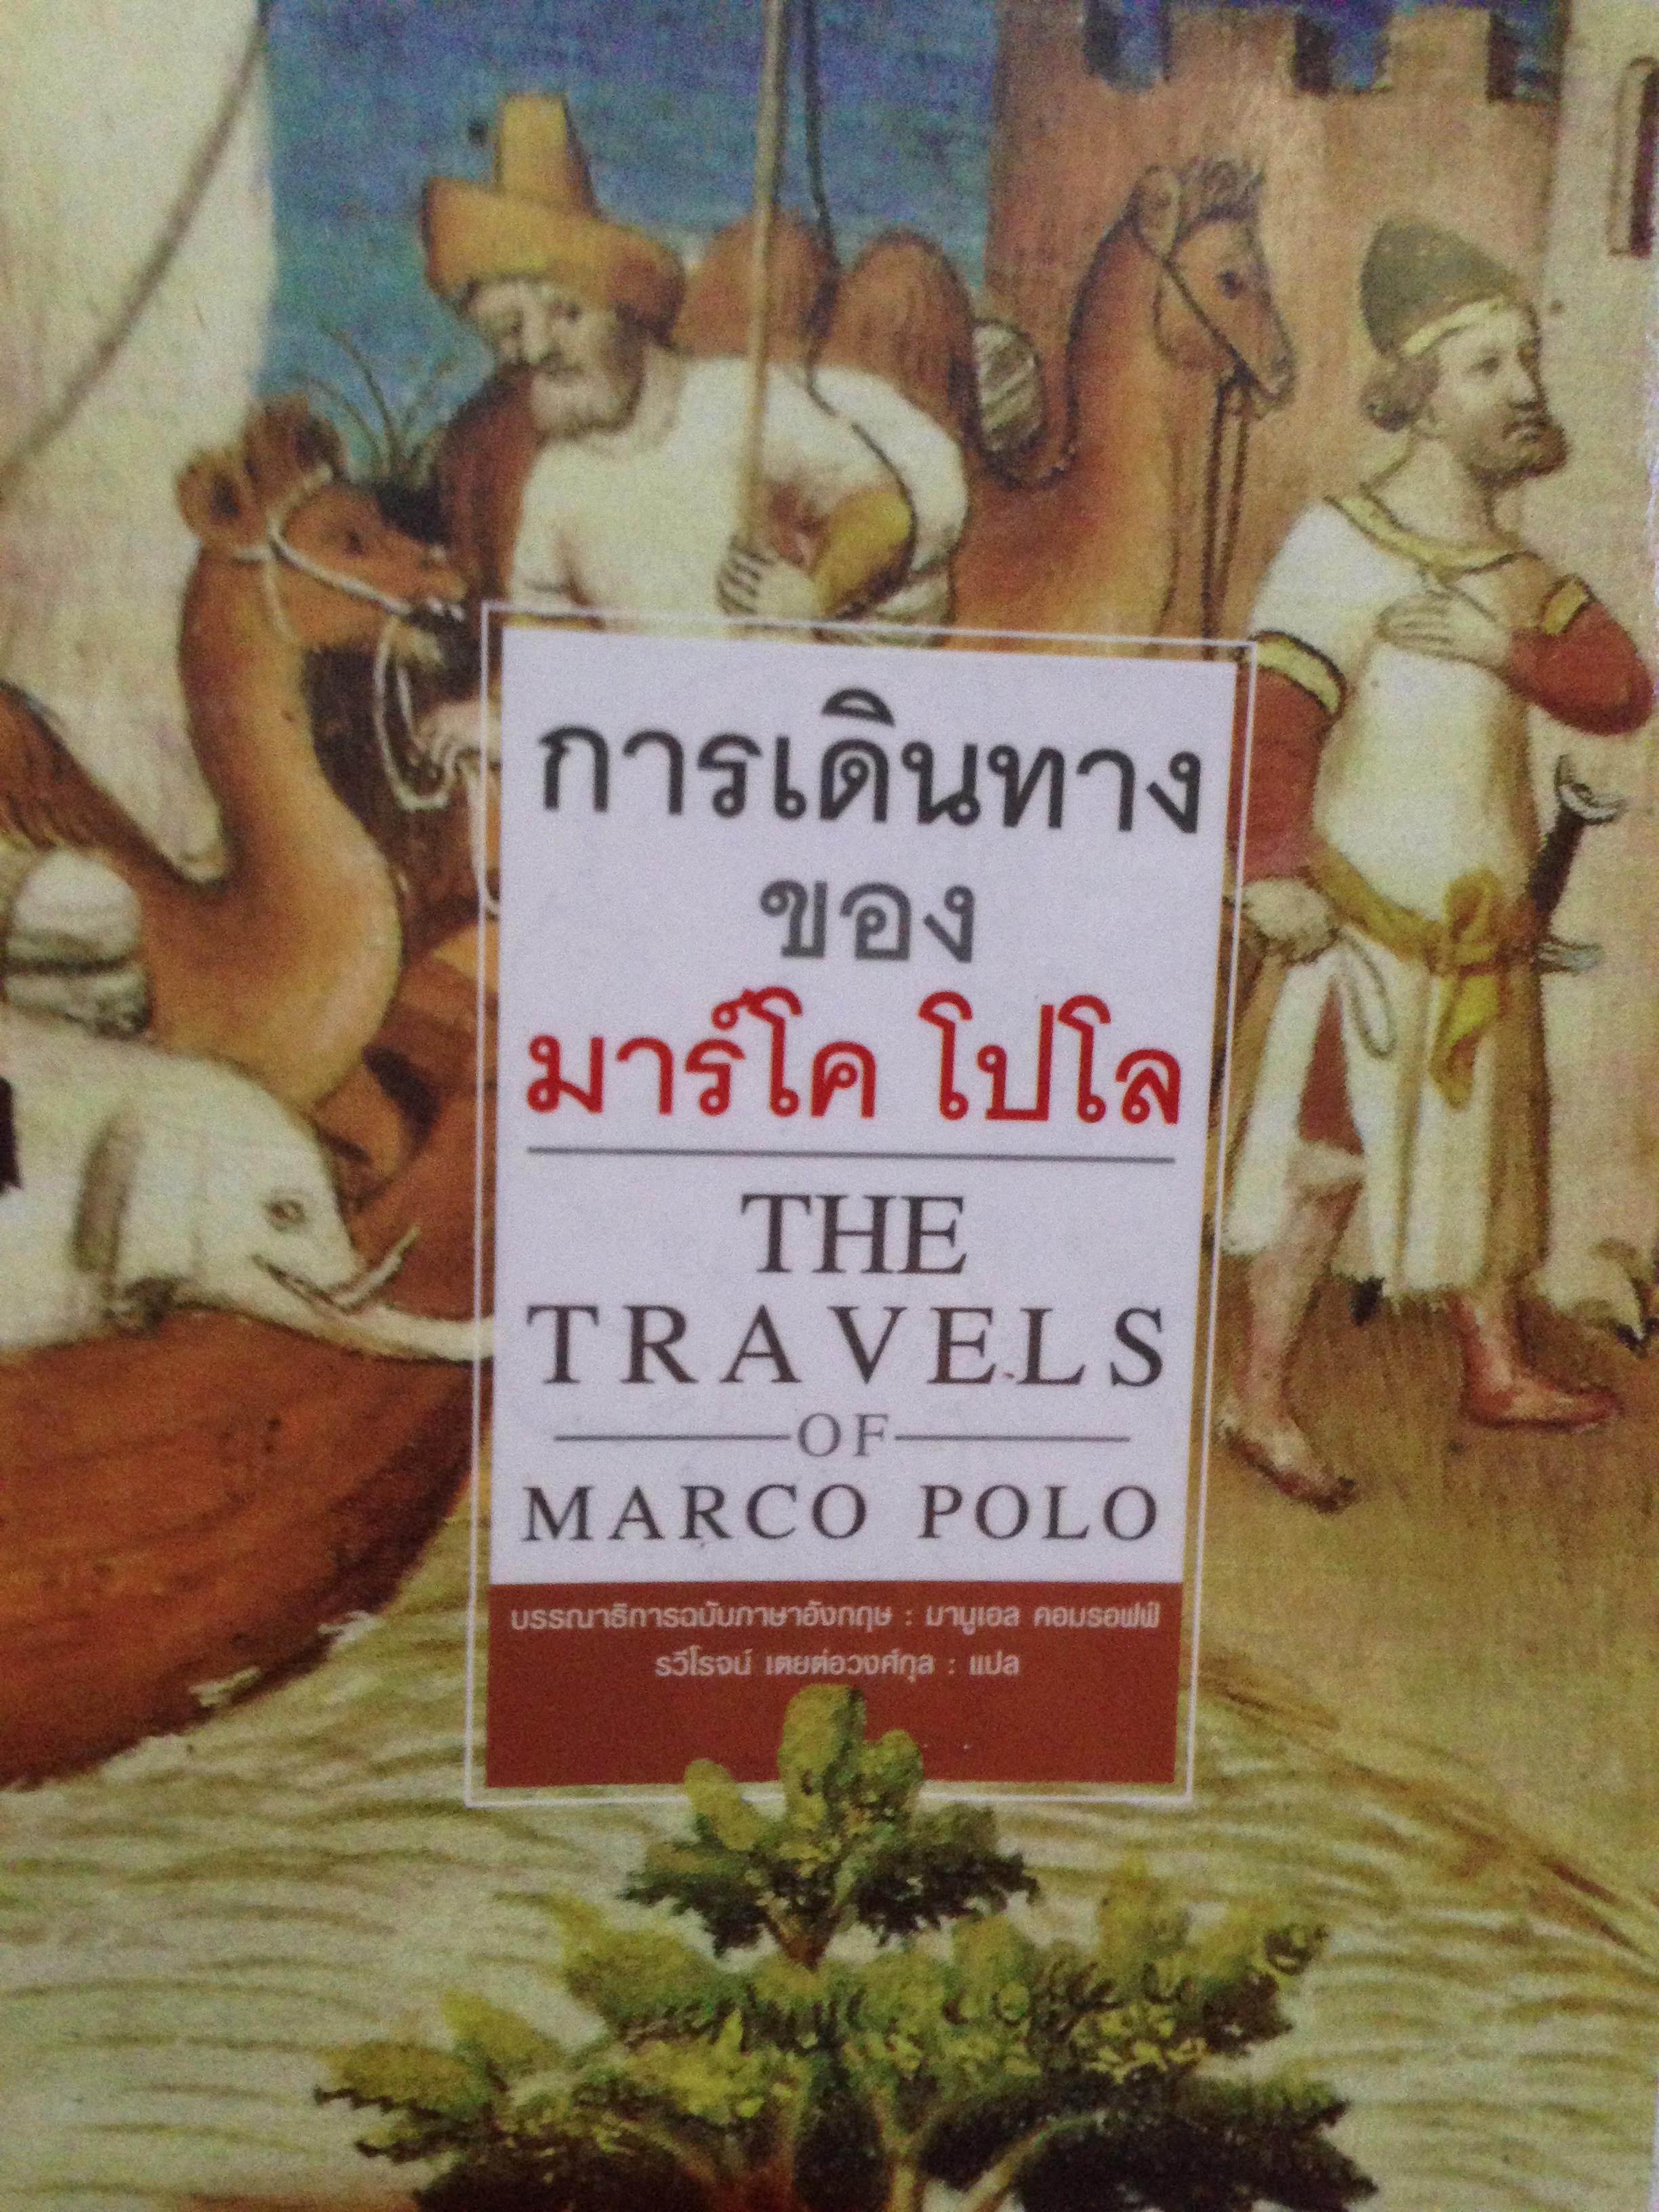 หนังสือ การเดินทางของมาร์คโค โปโล. The Travels of Marco Polo. รวม2เล่ม